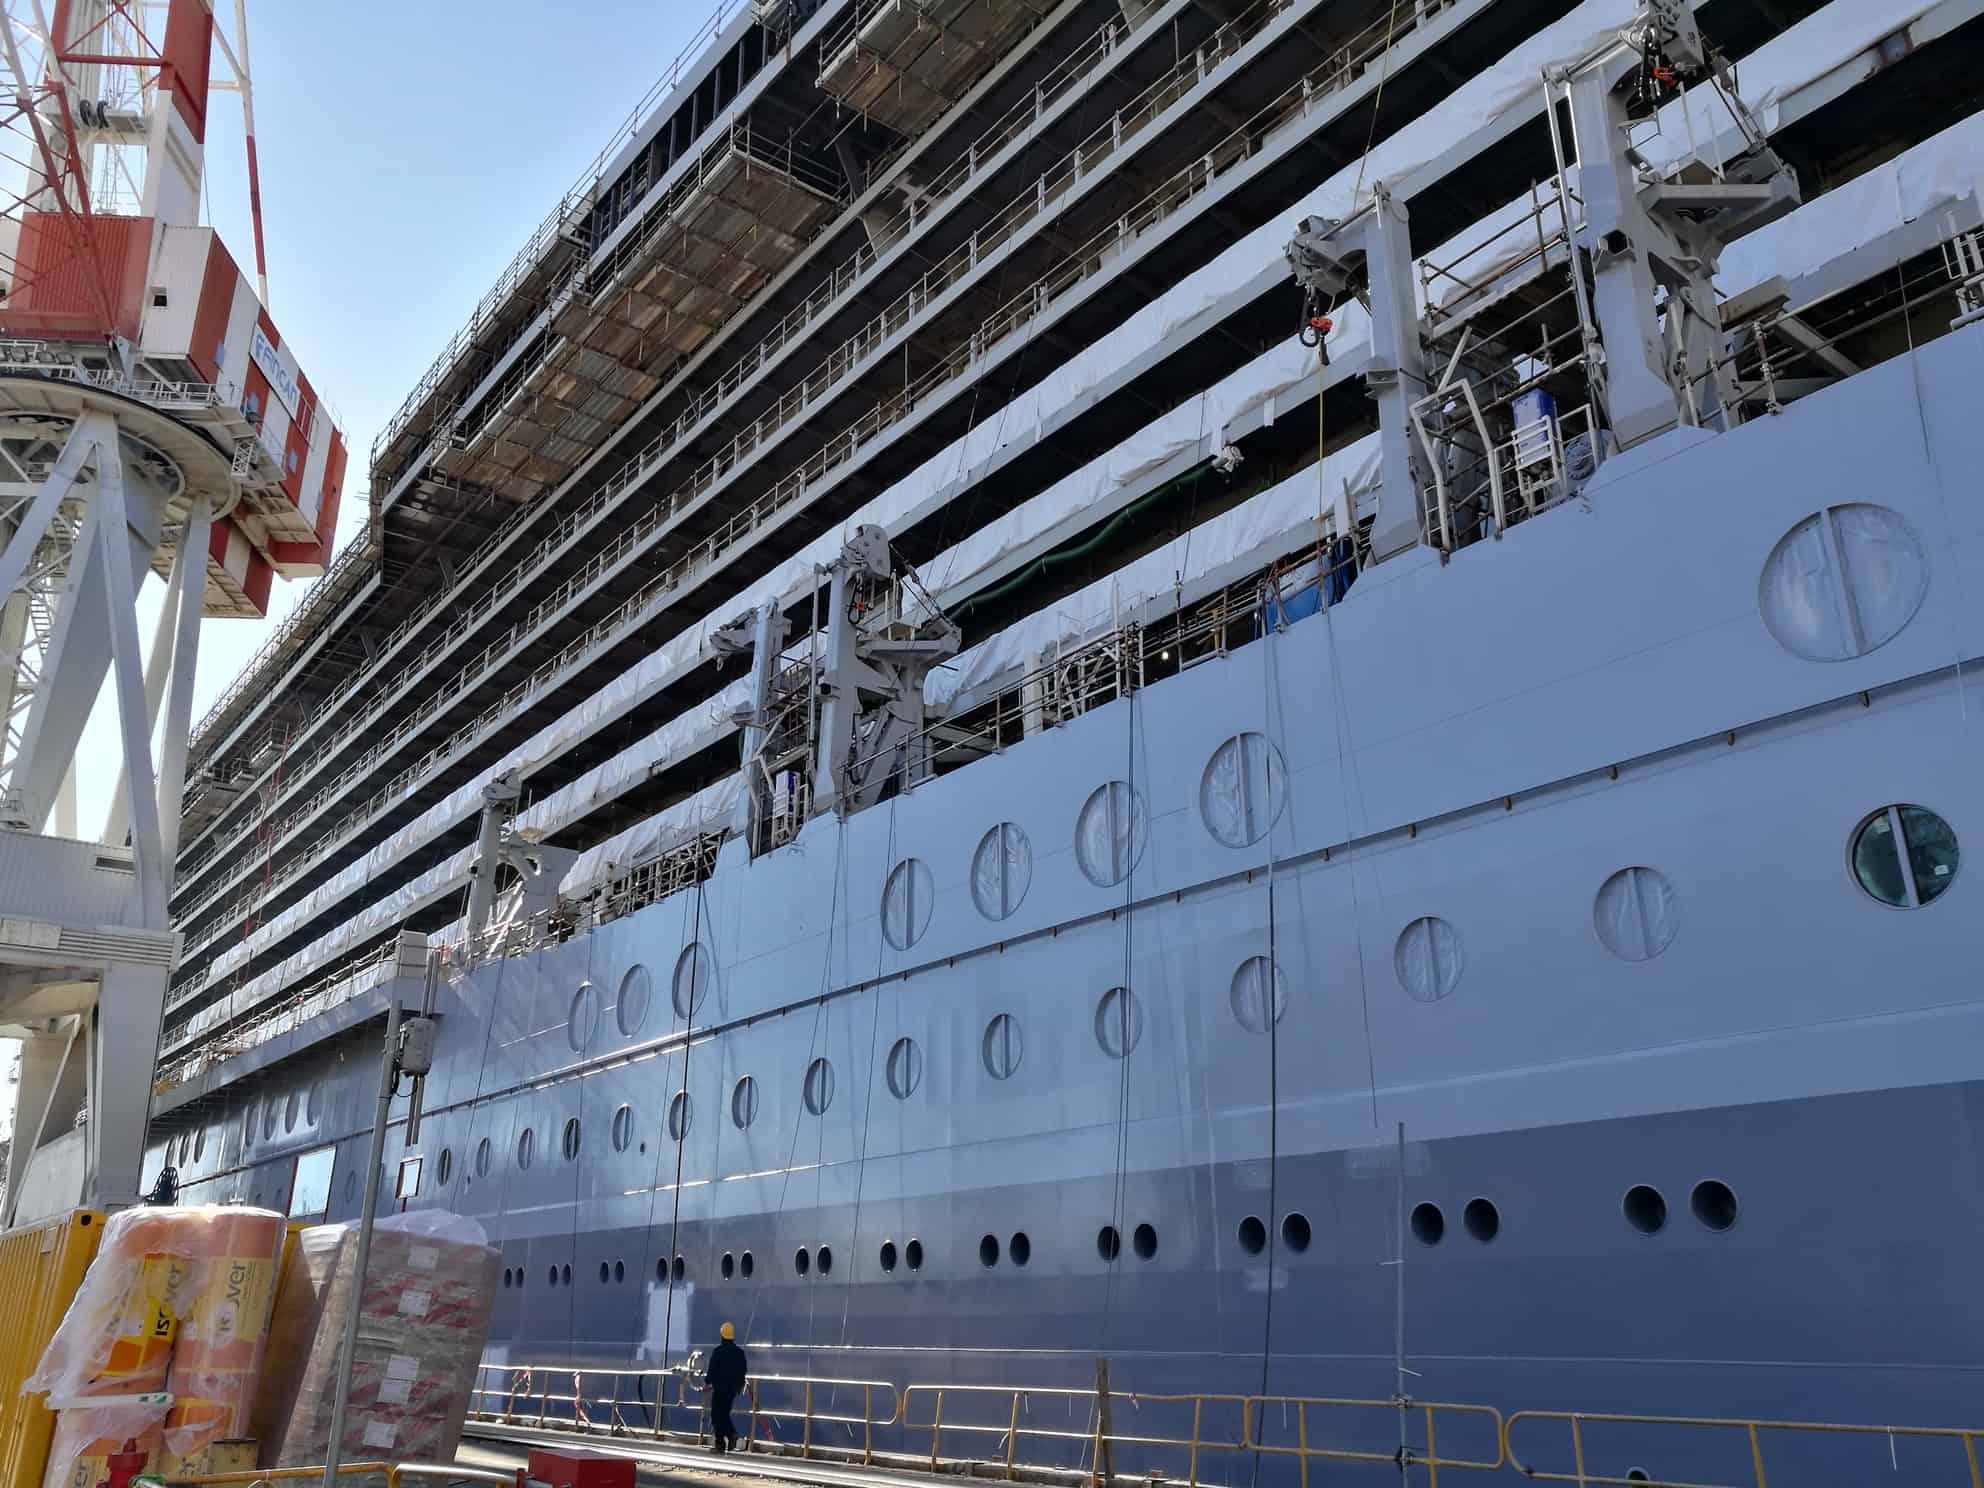 News sur la navale mondiale (les chantiers de constructions navales-dont chantiers STX stNaz) - Page 9 2